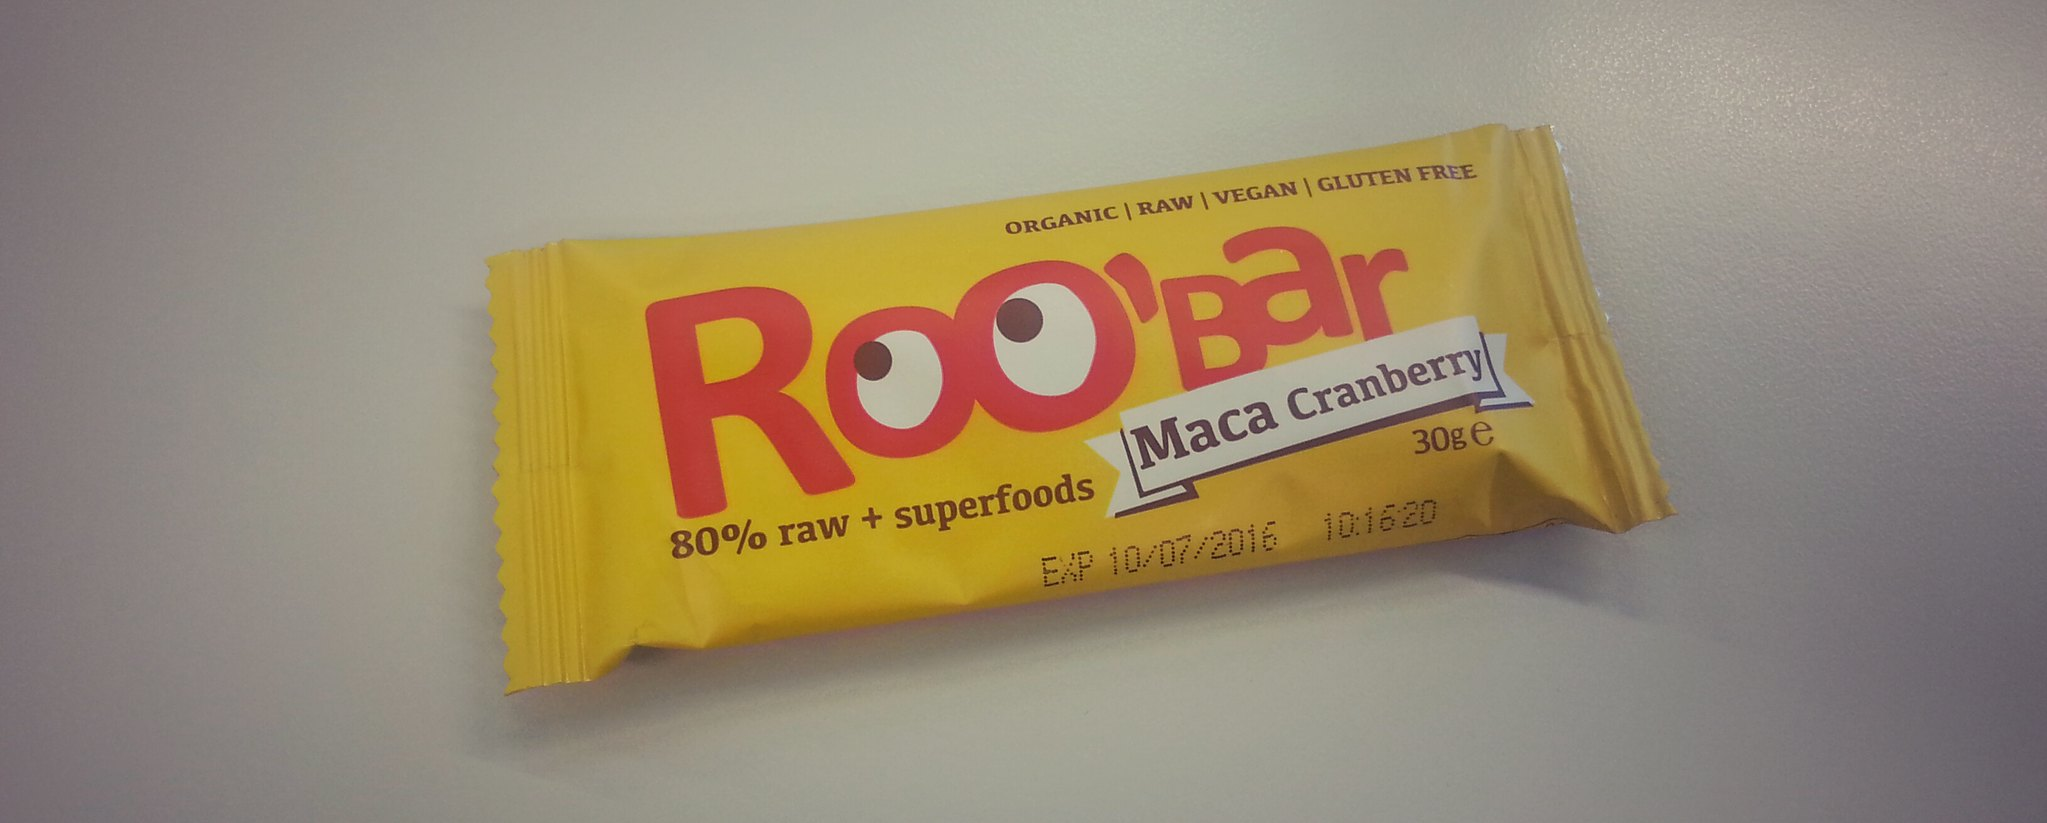 Roo'Bar Maca Cranberry